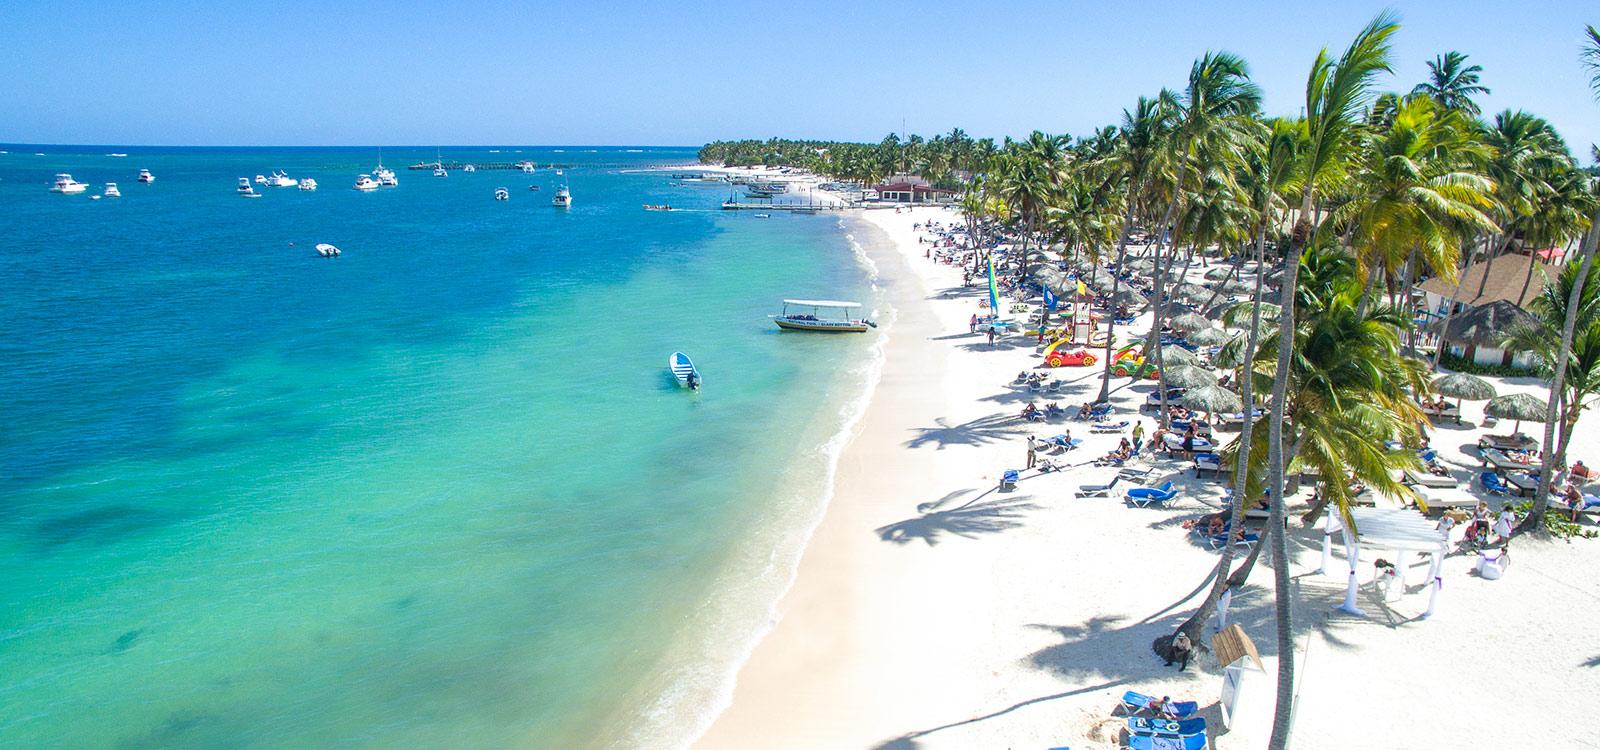 Playas renovadas, mas vida para el turismo